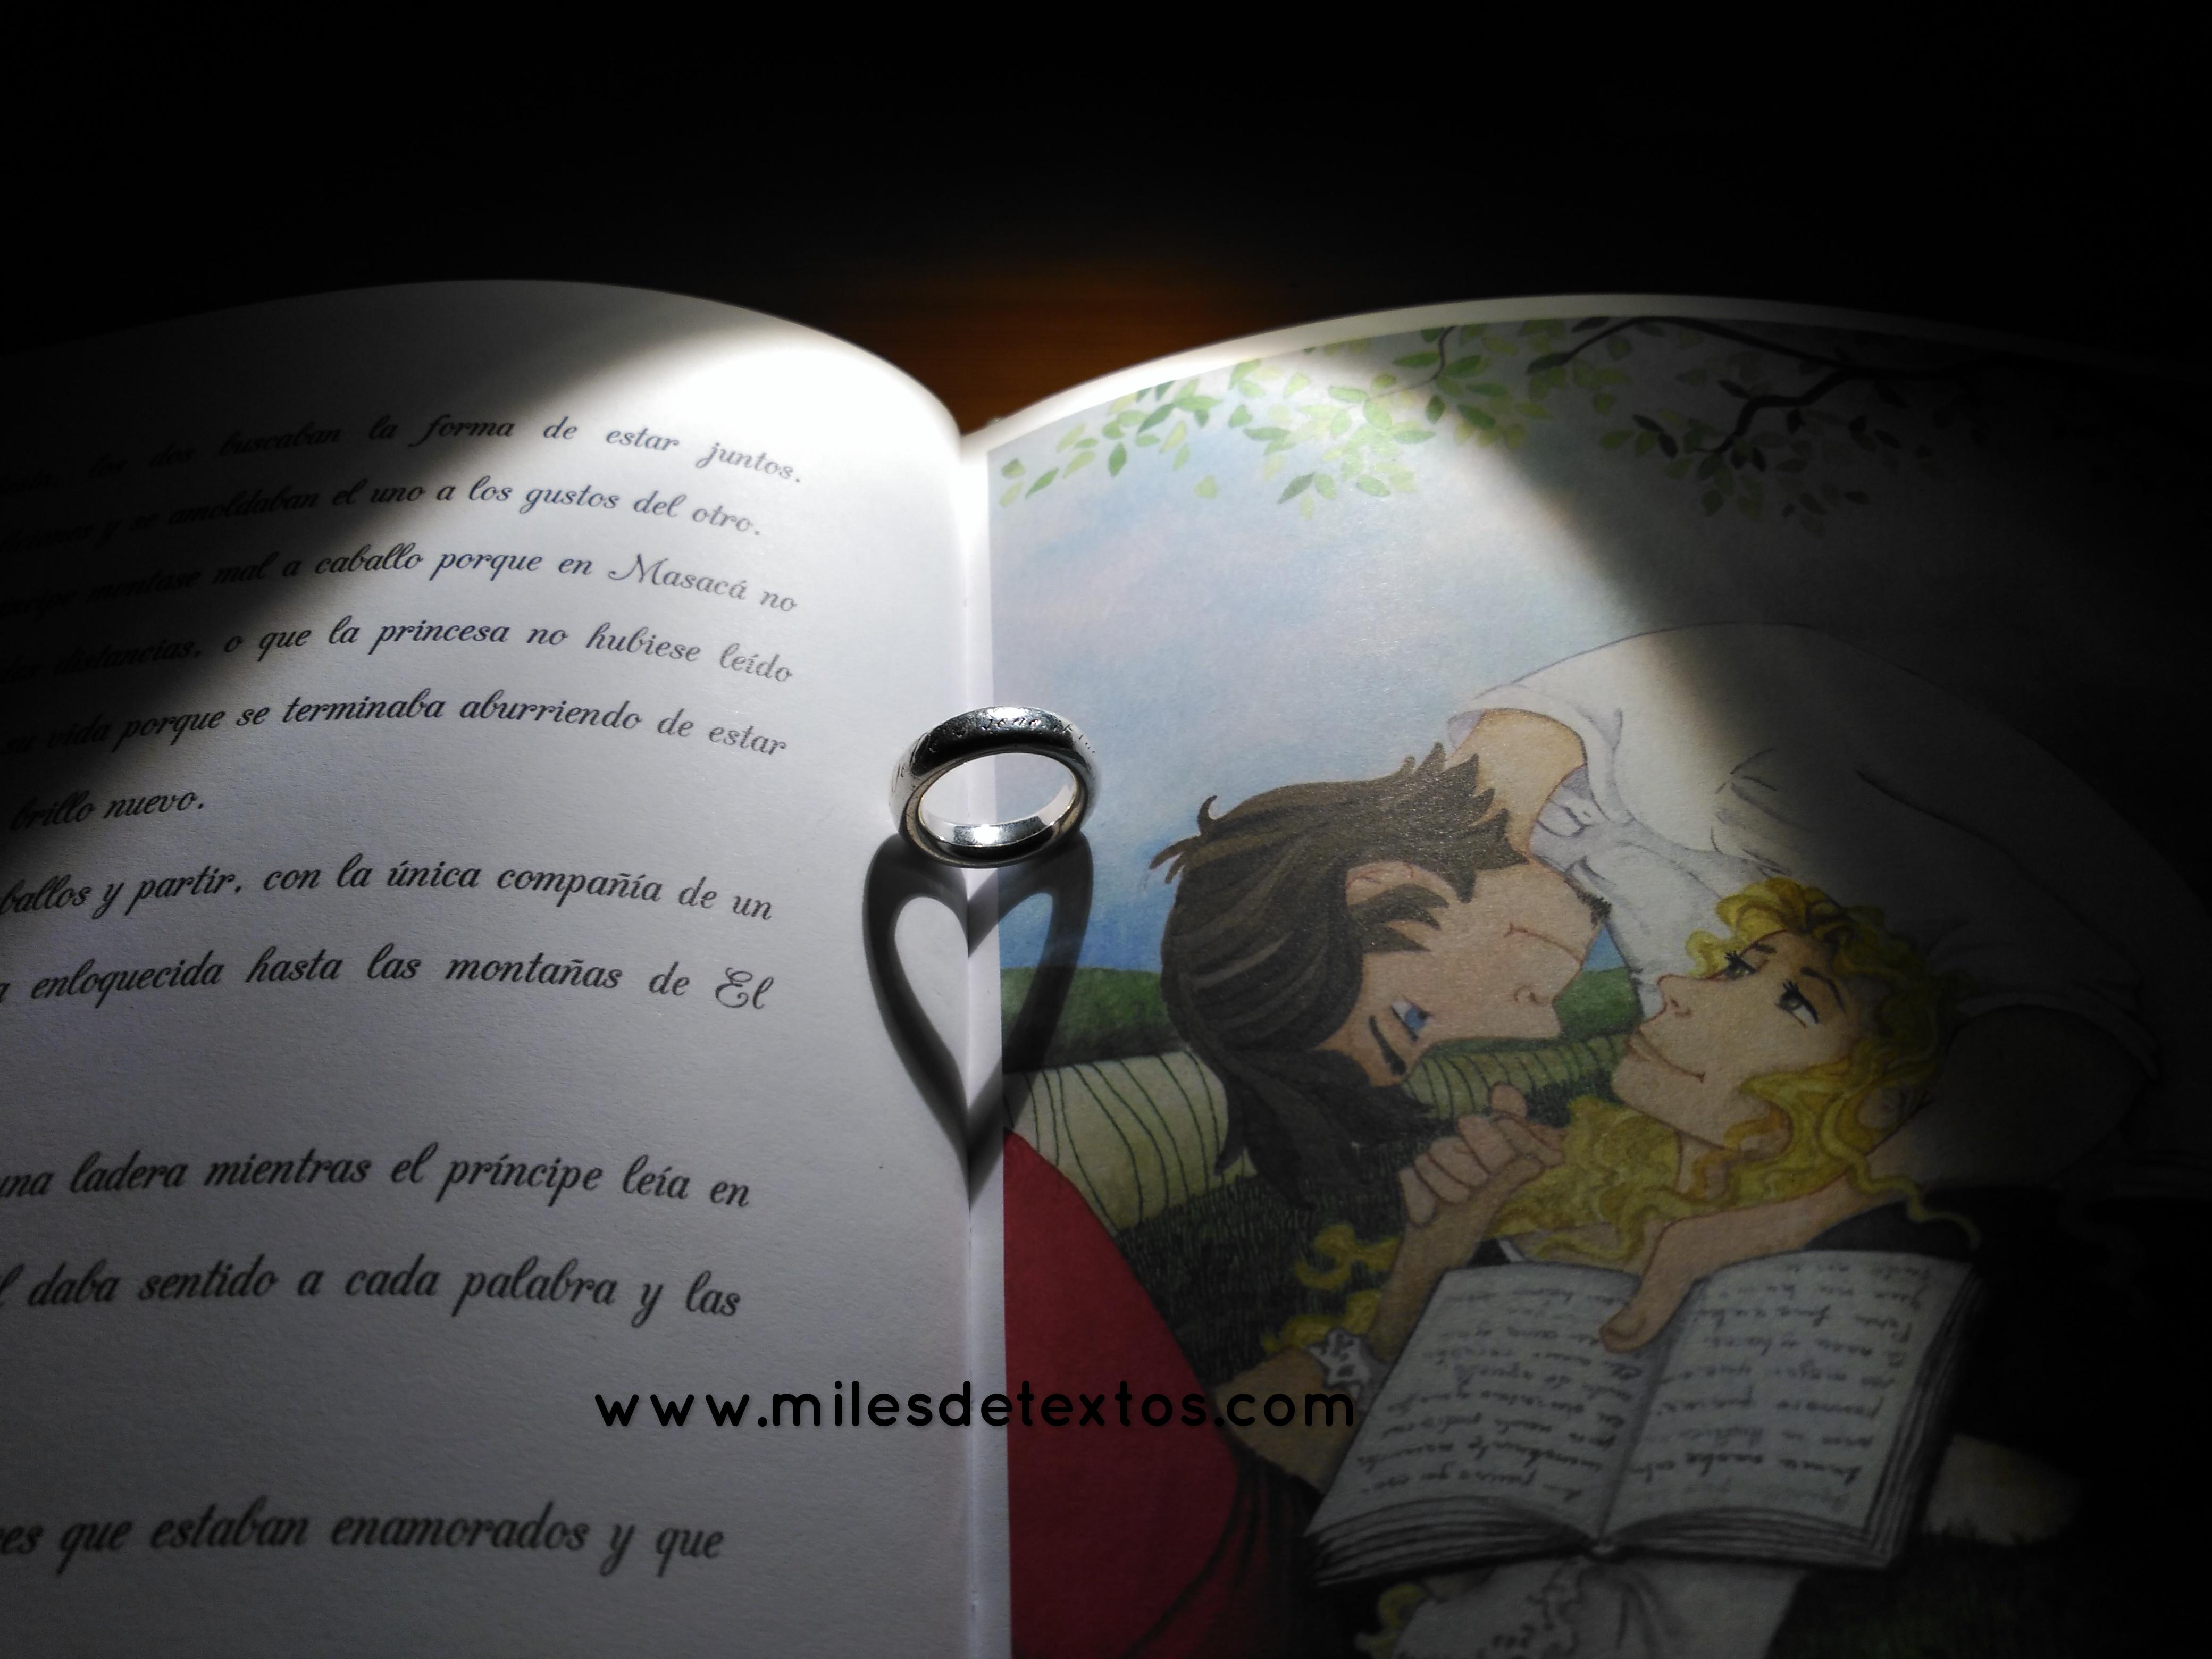 Corazón....www.milesdetextos.com